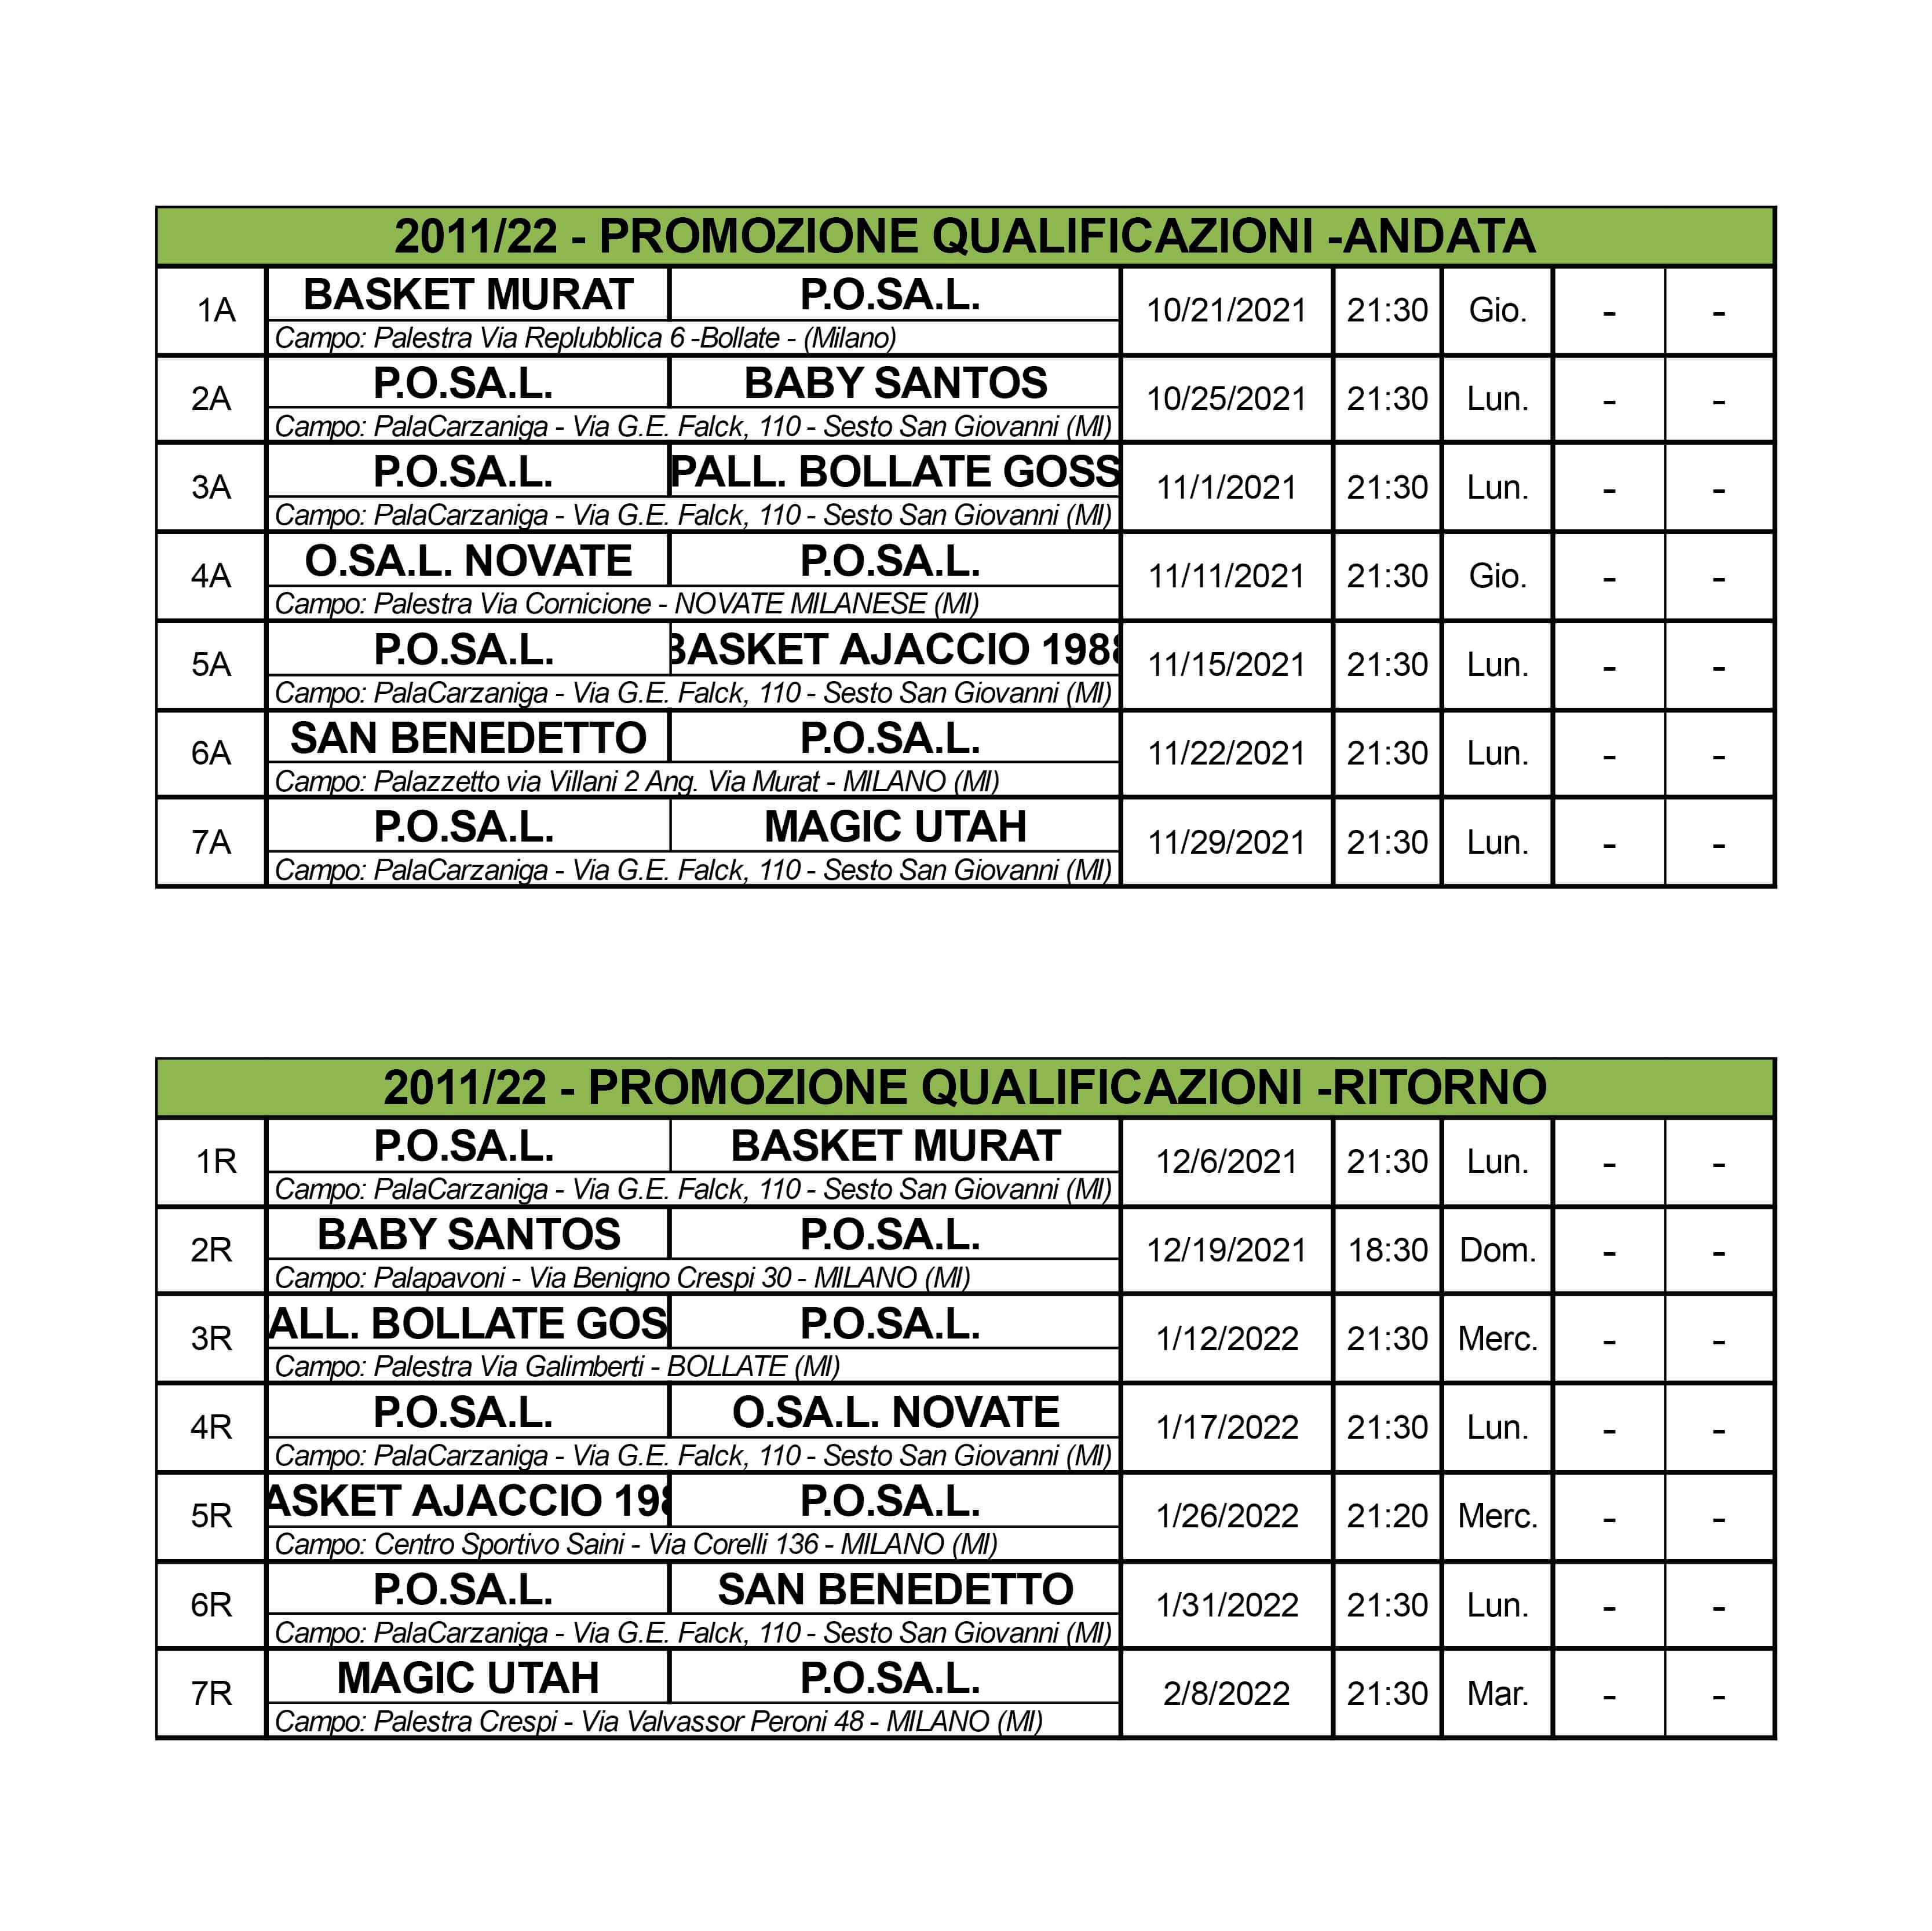 calendario-promozione-posal-2021-2022